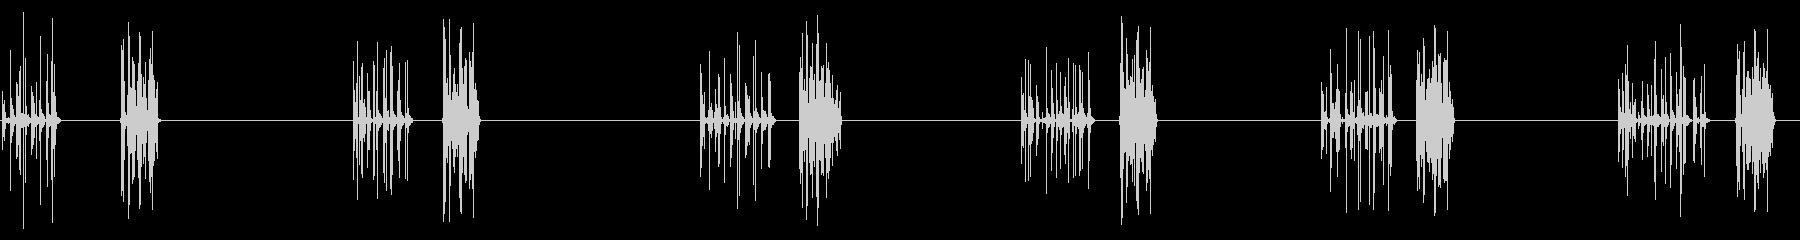 電気:数字を入力、遅い、機械を追加...の未再生の波形